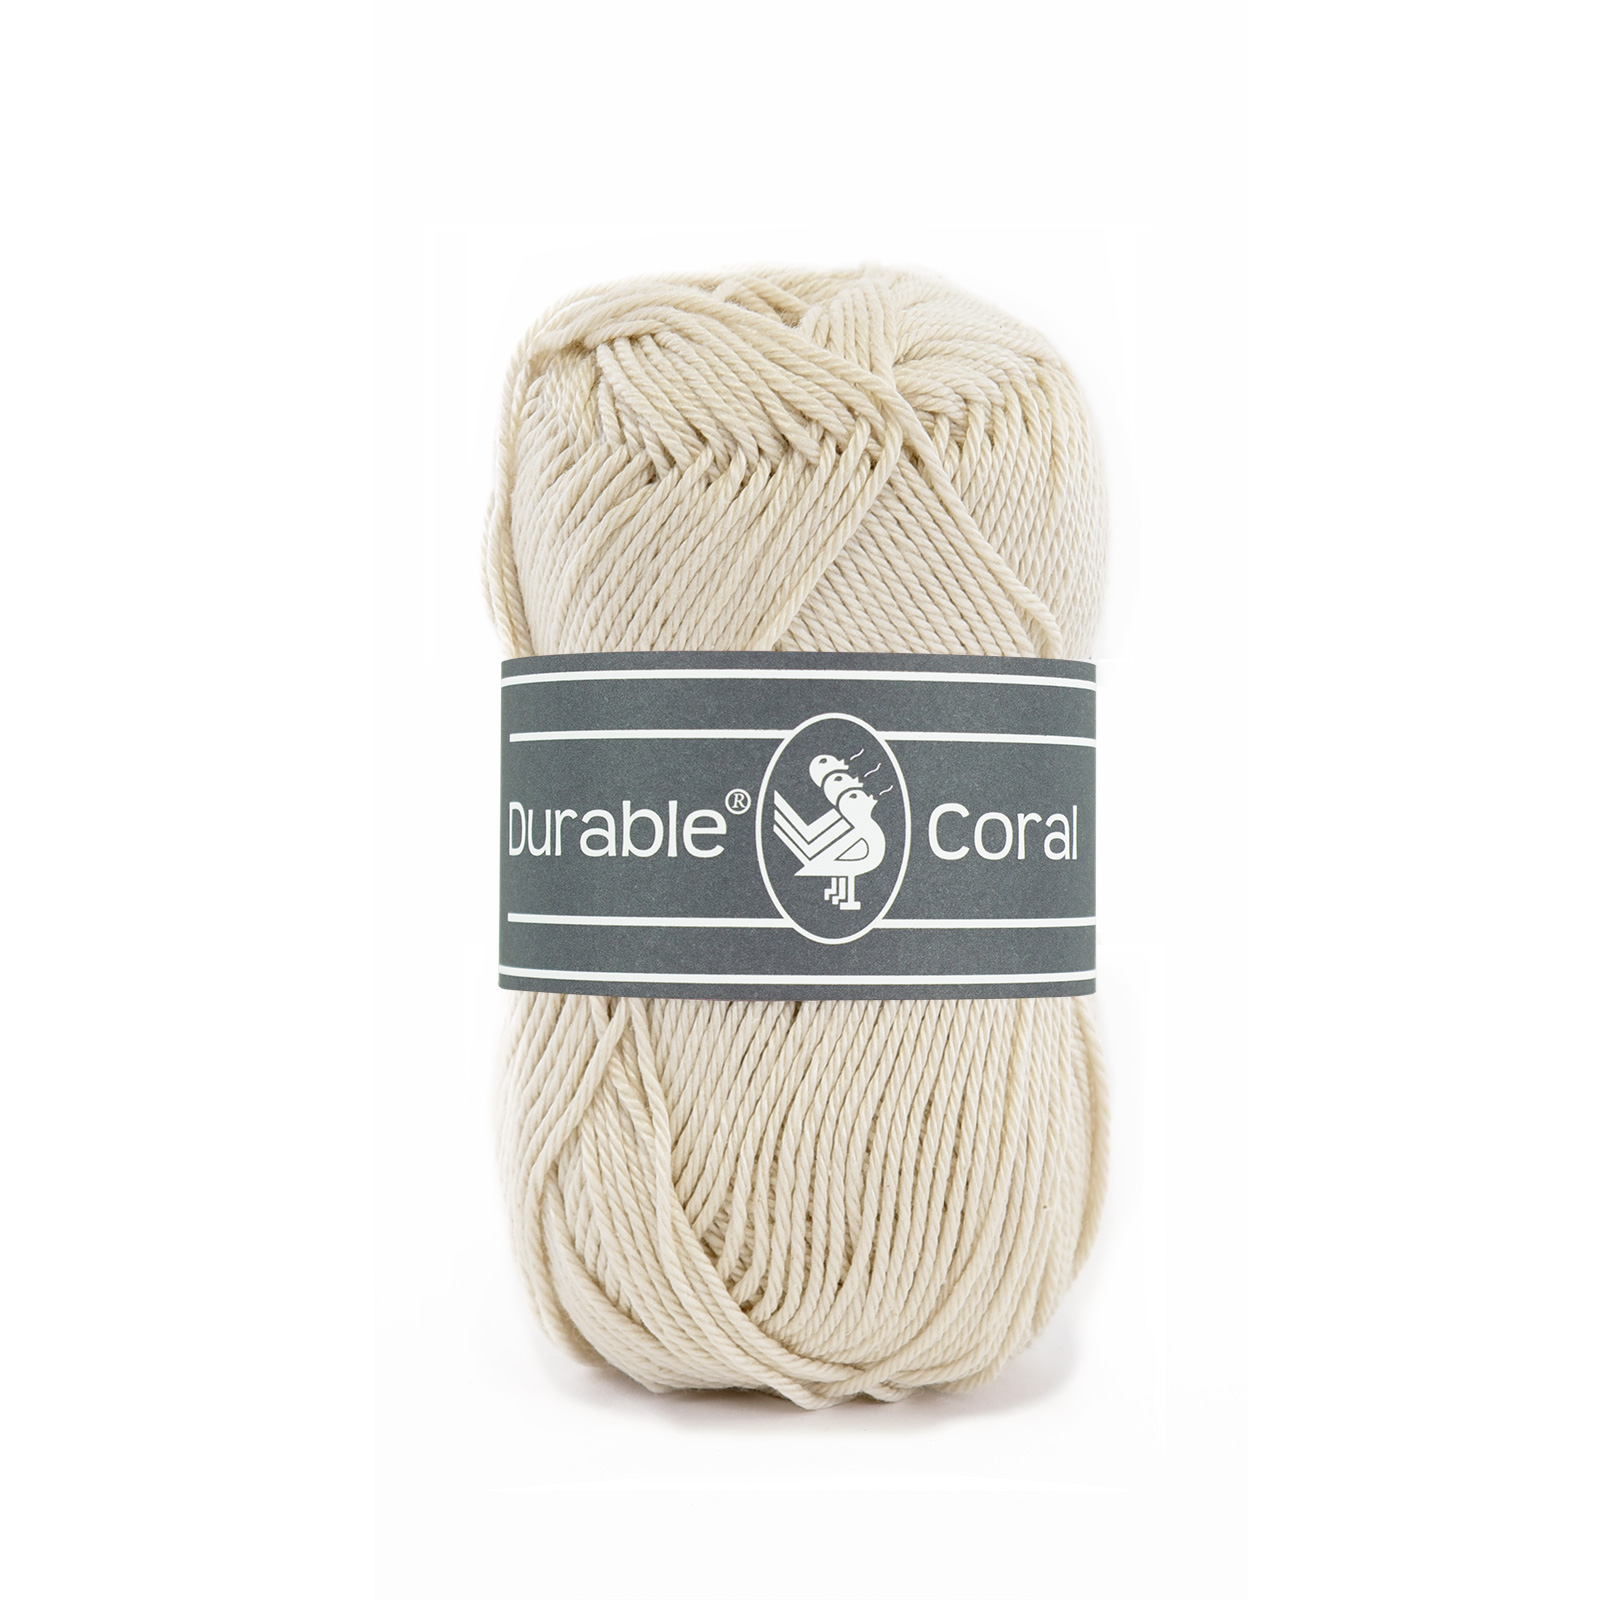 Coral – 2212 Linen